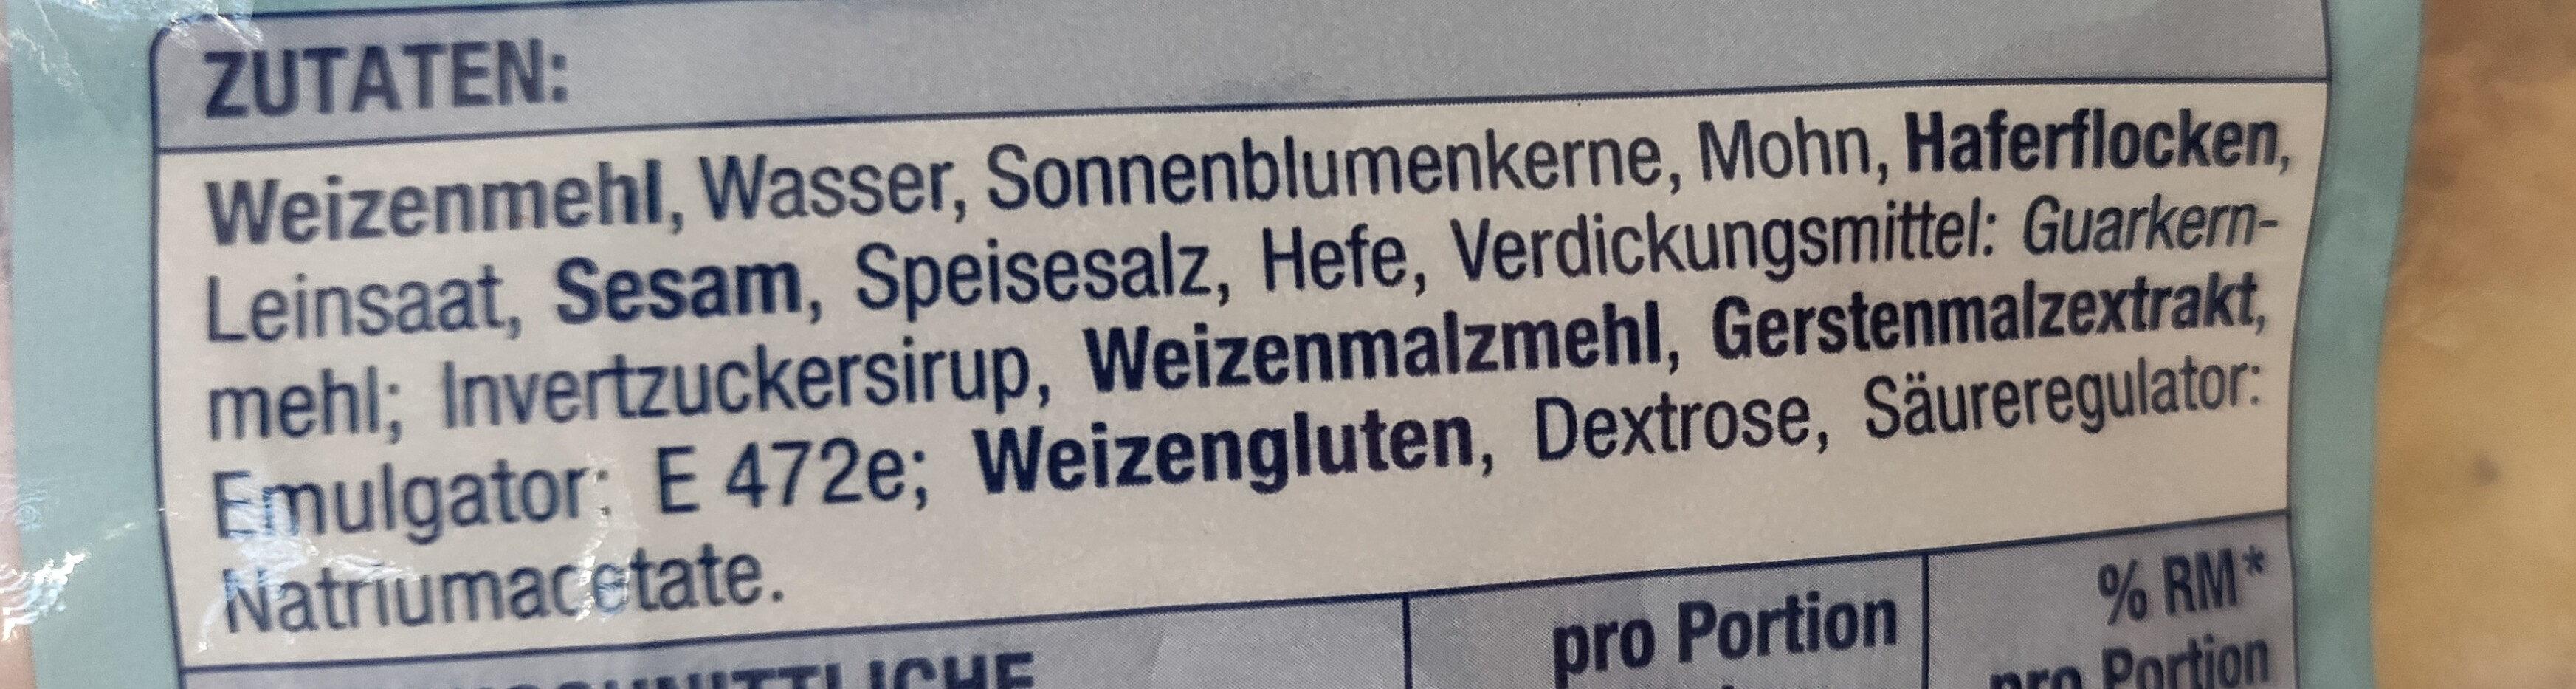 Gemischte Brötchen - Ingredients - de